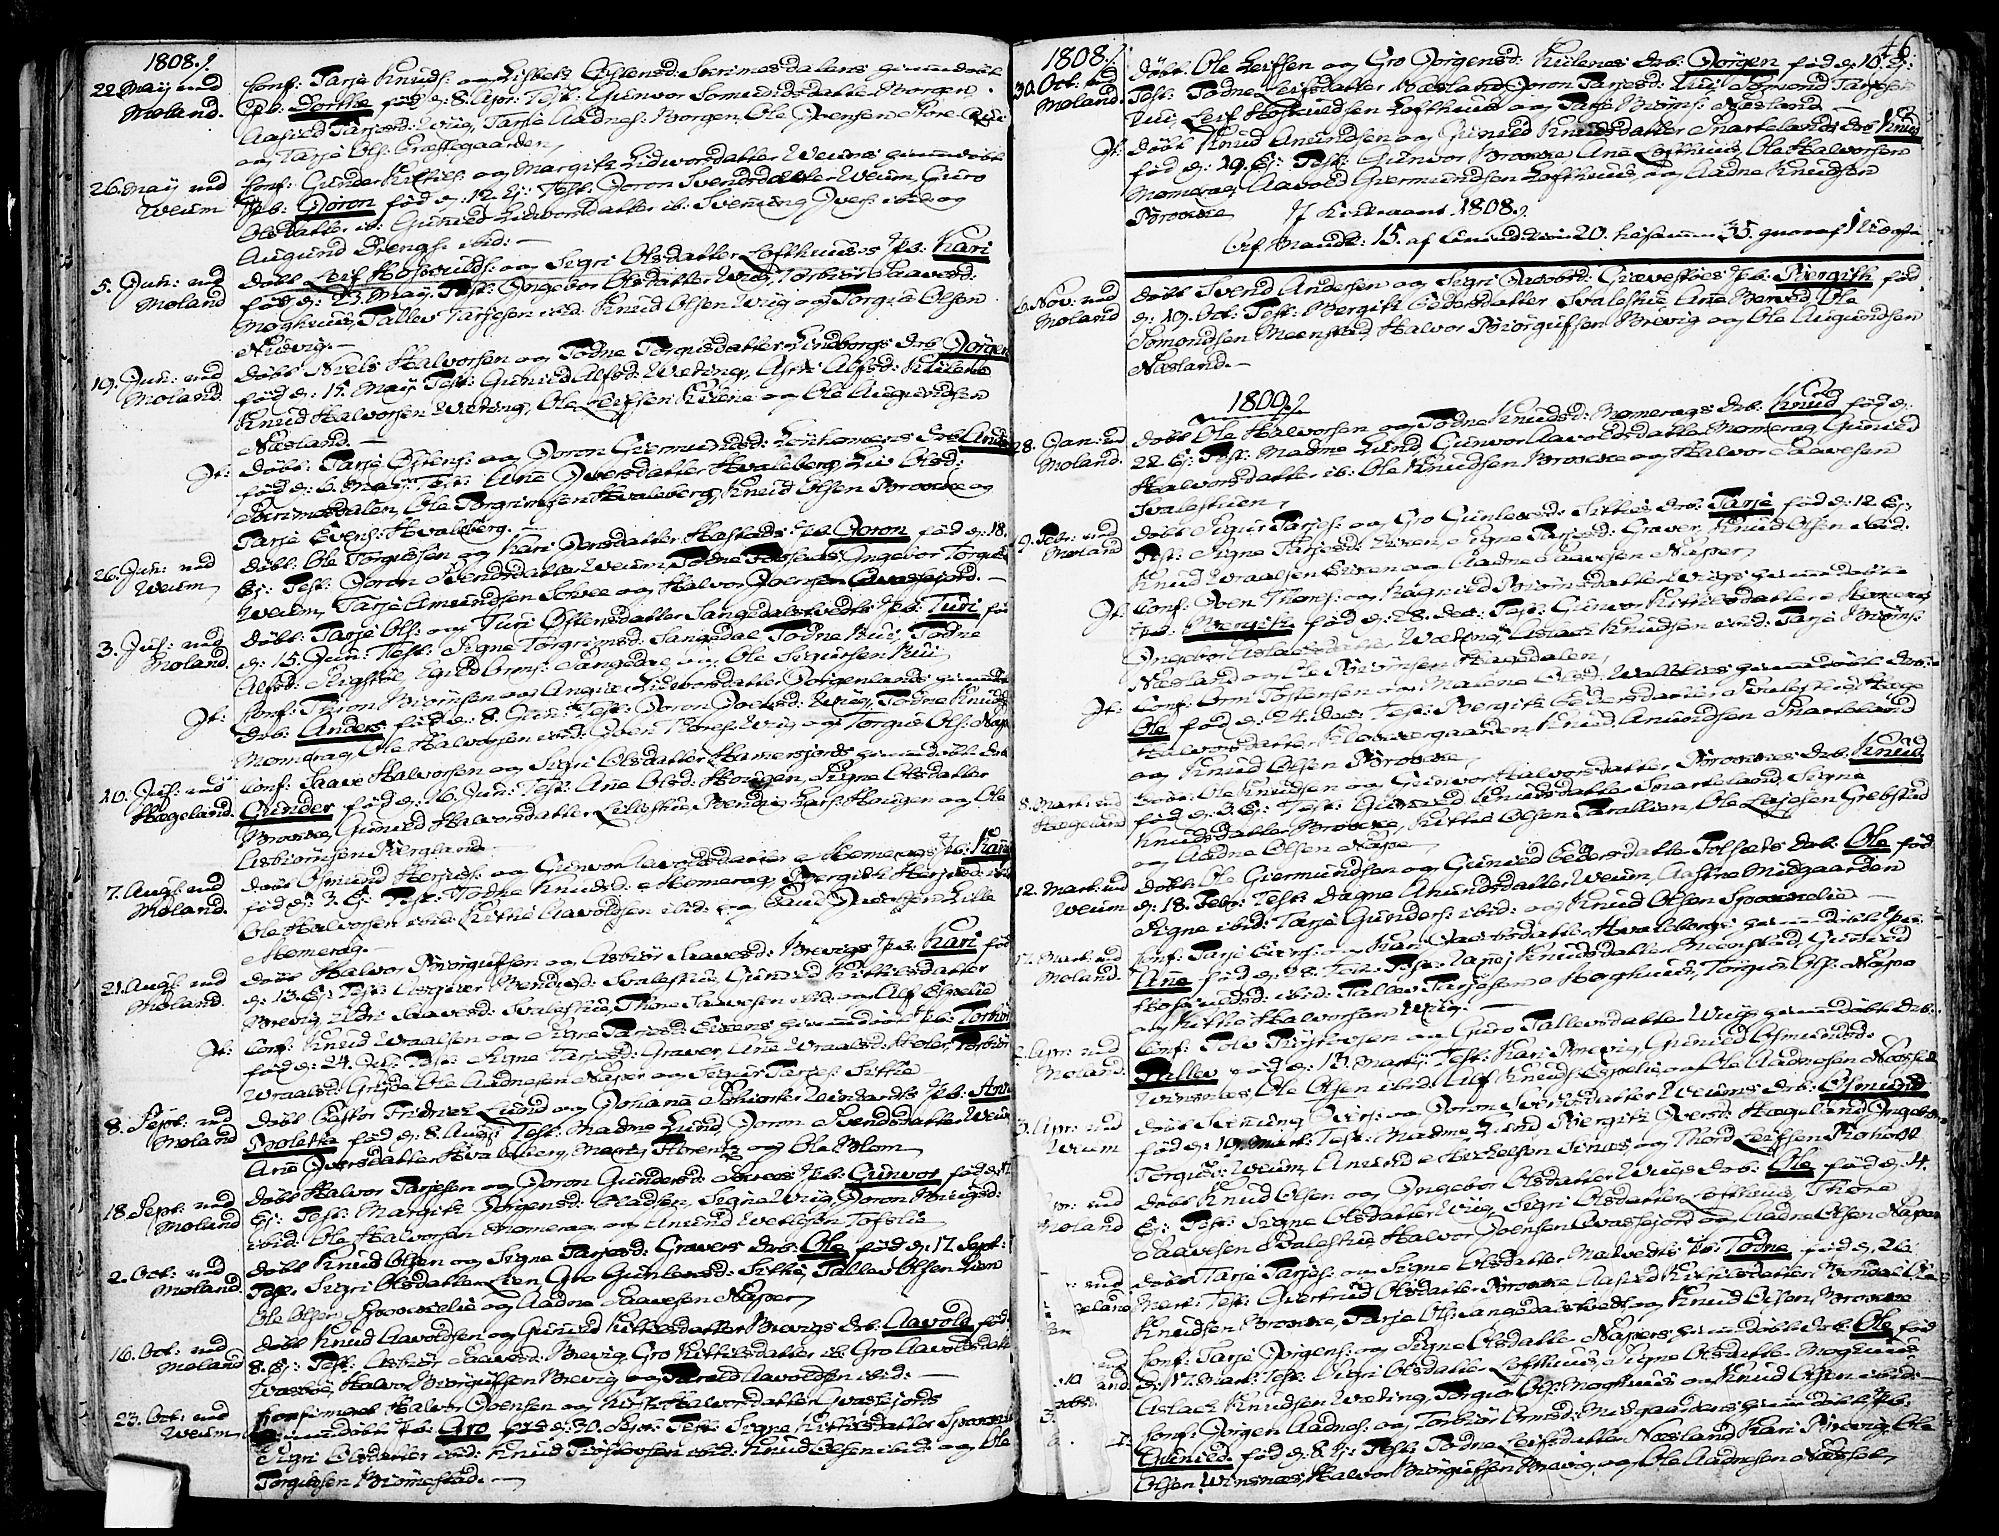 SAKO, Fyresdal kirkebøker, F/Fa/L0002: Ministerialbok nr. I 2, 1769-1814, s. 46